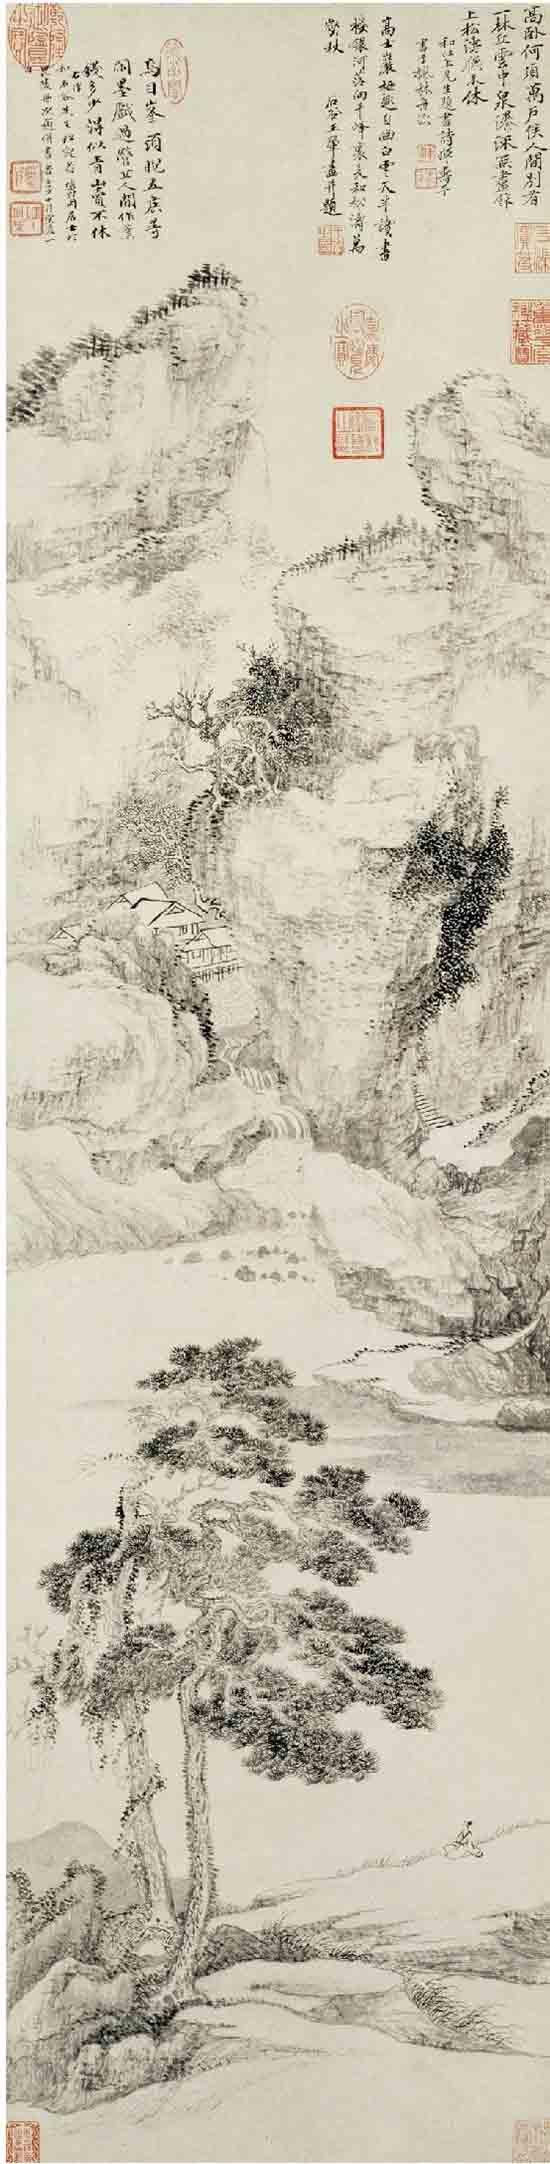 清 王翚 岩栖高士图轴